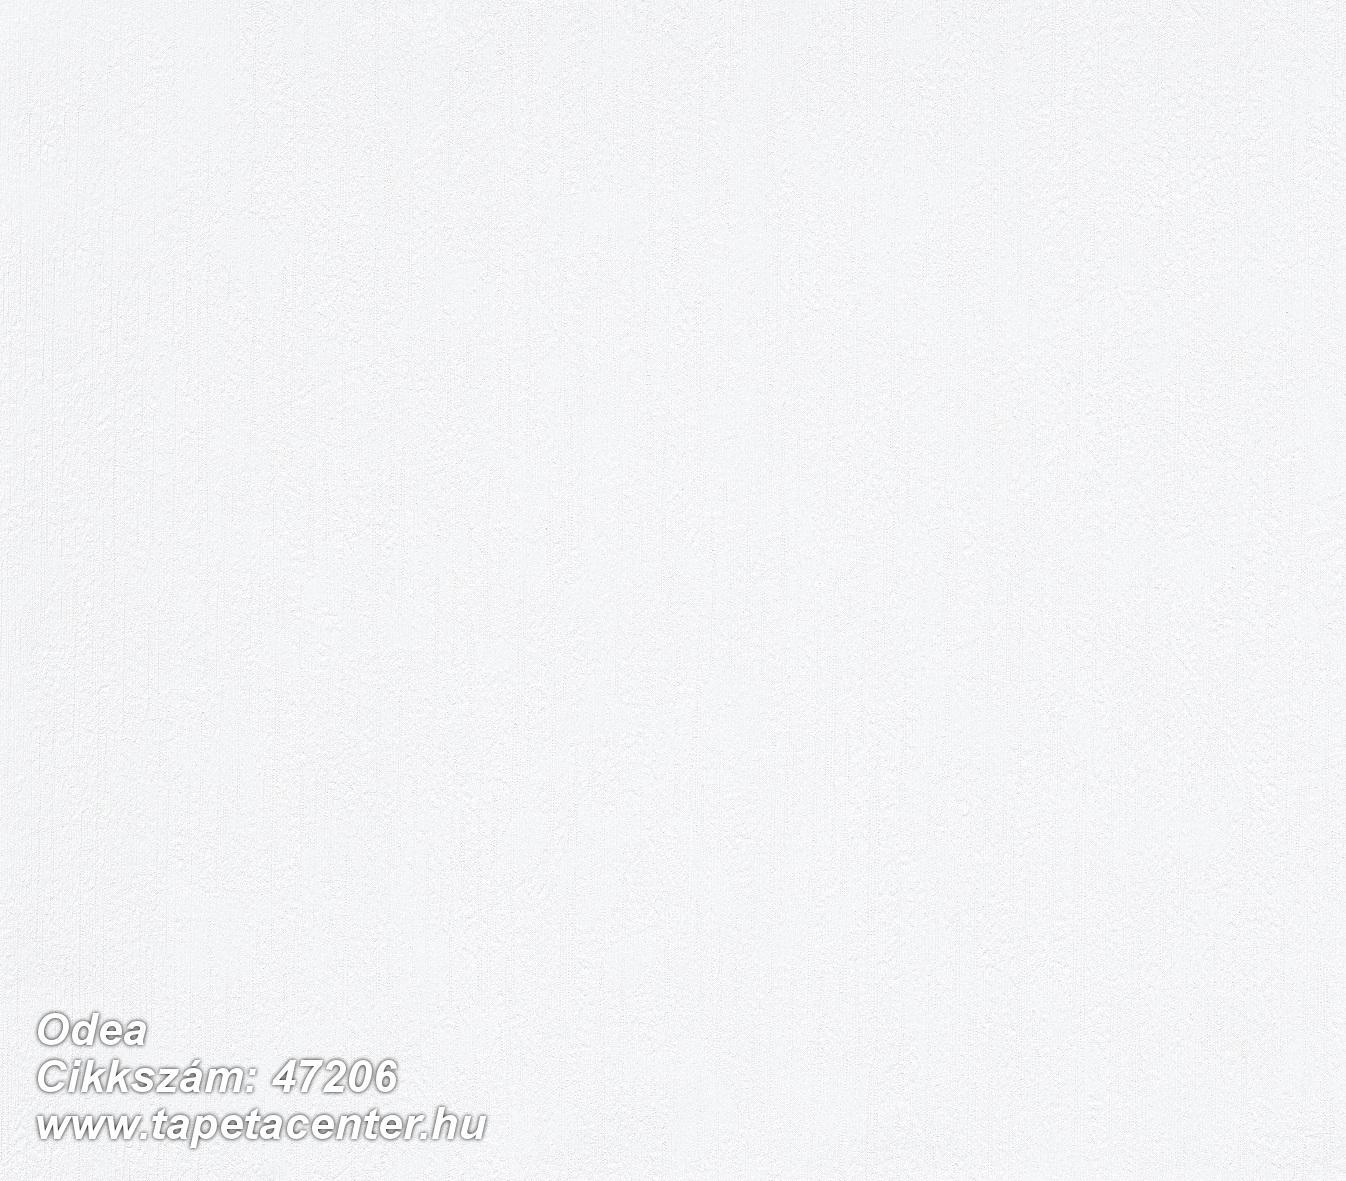 Odea - 47206 Olasz tapéta